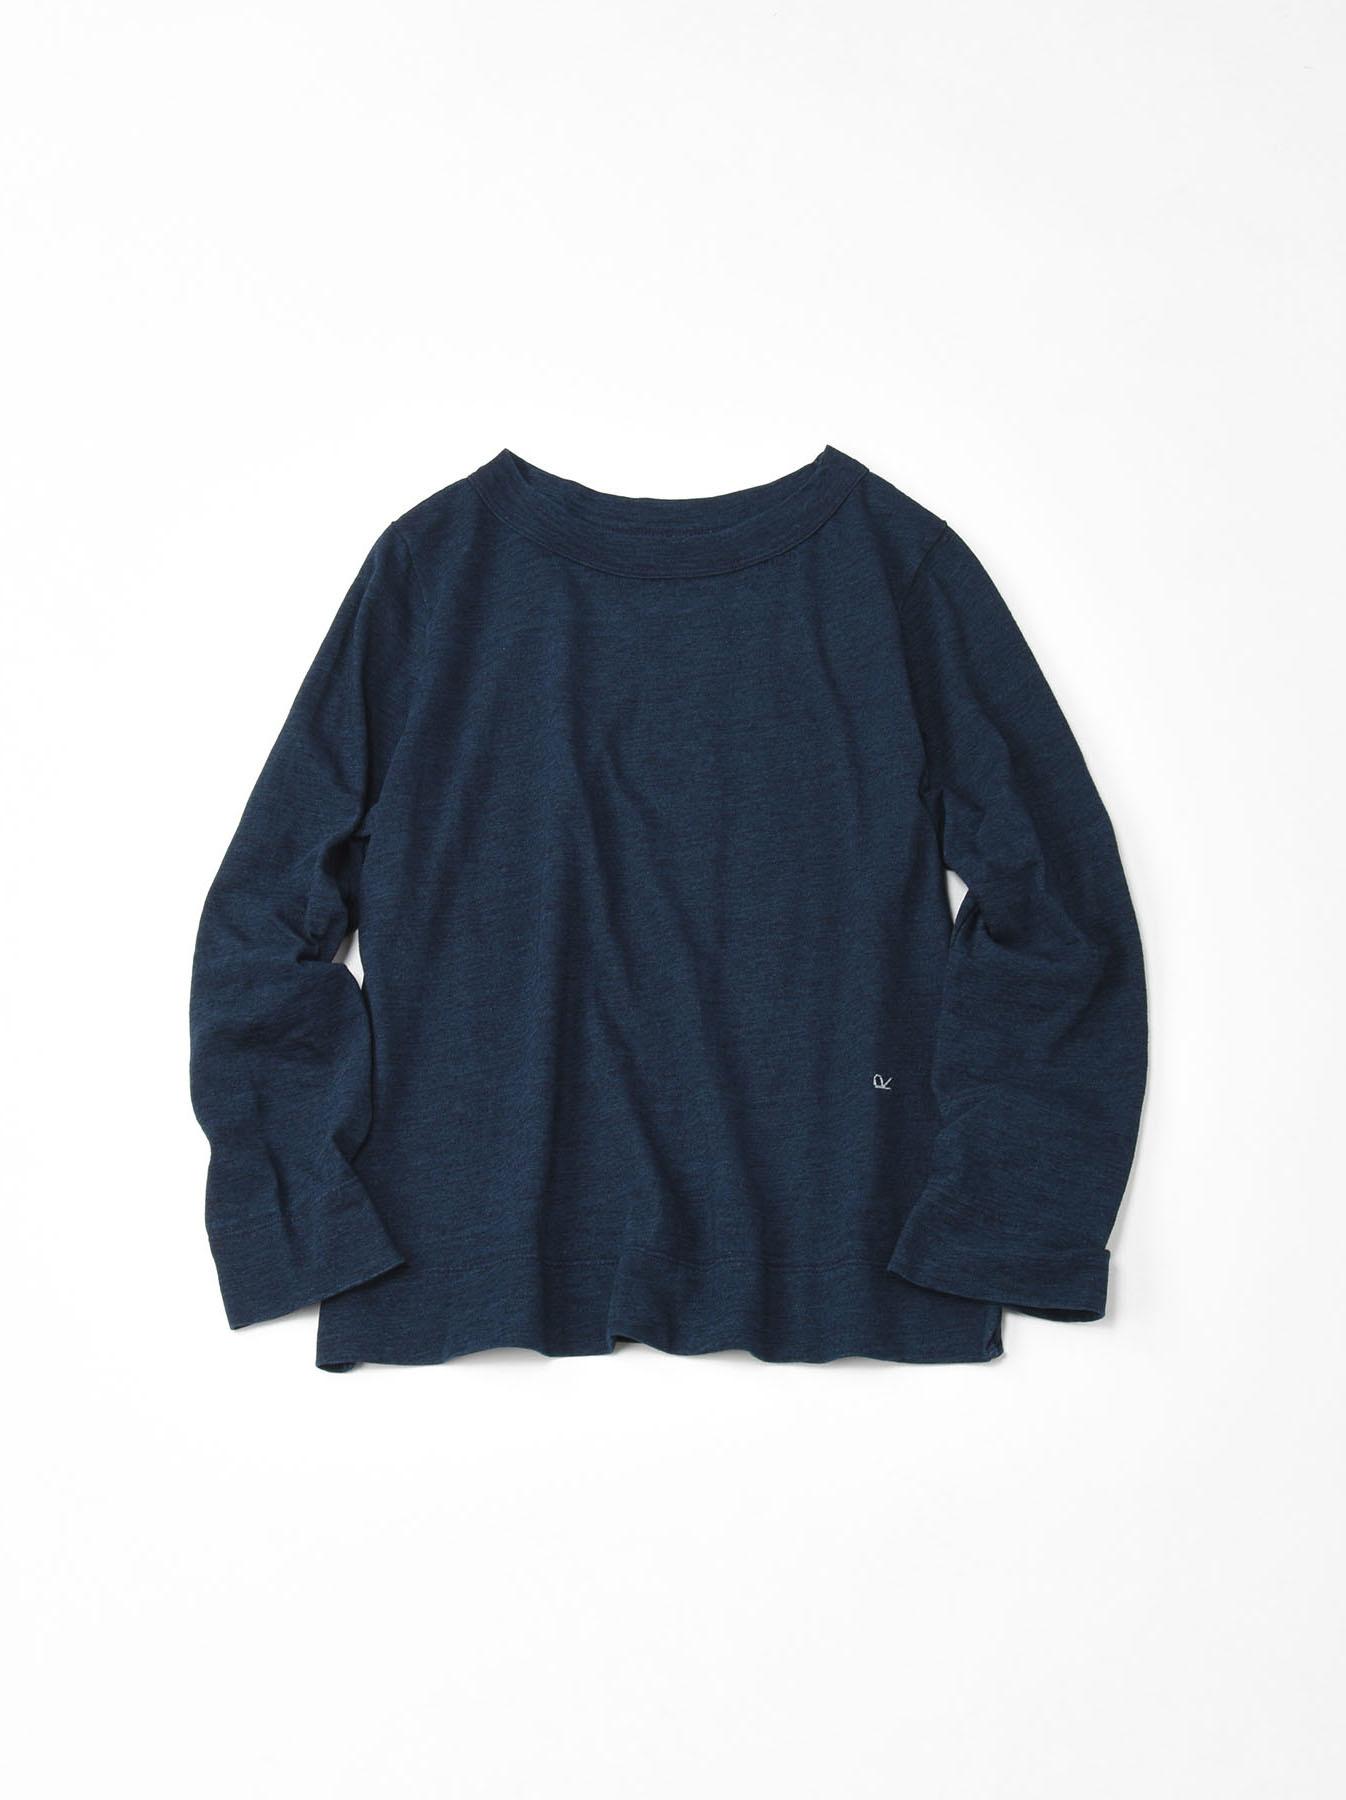 Indigo Zimbabwe Cotton Square T-shirt-1